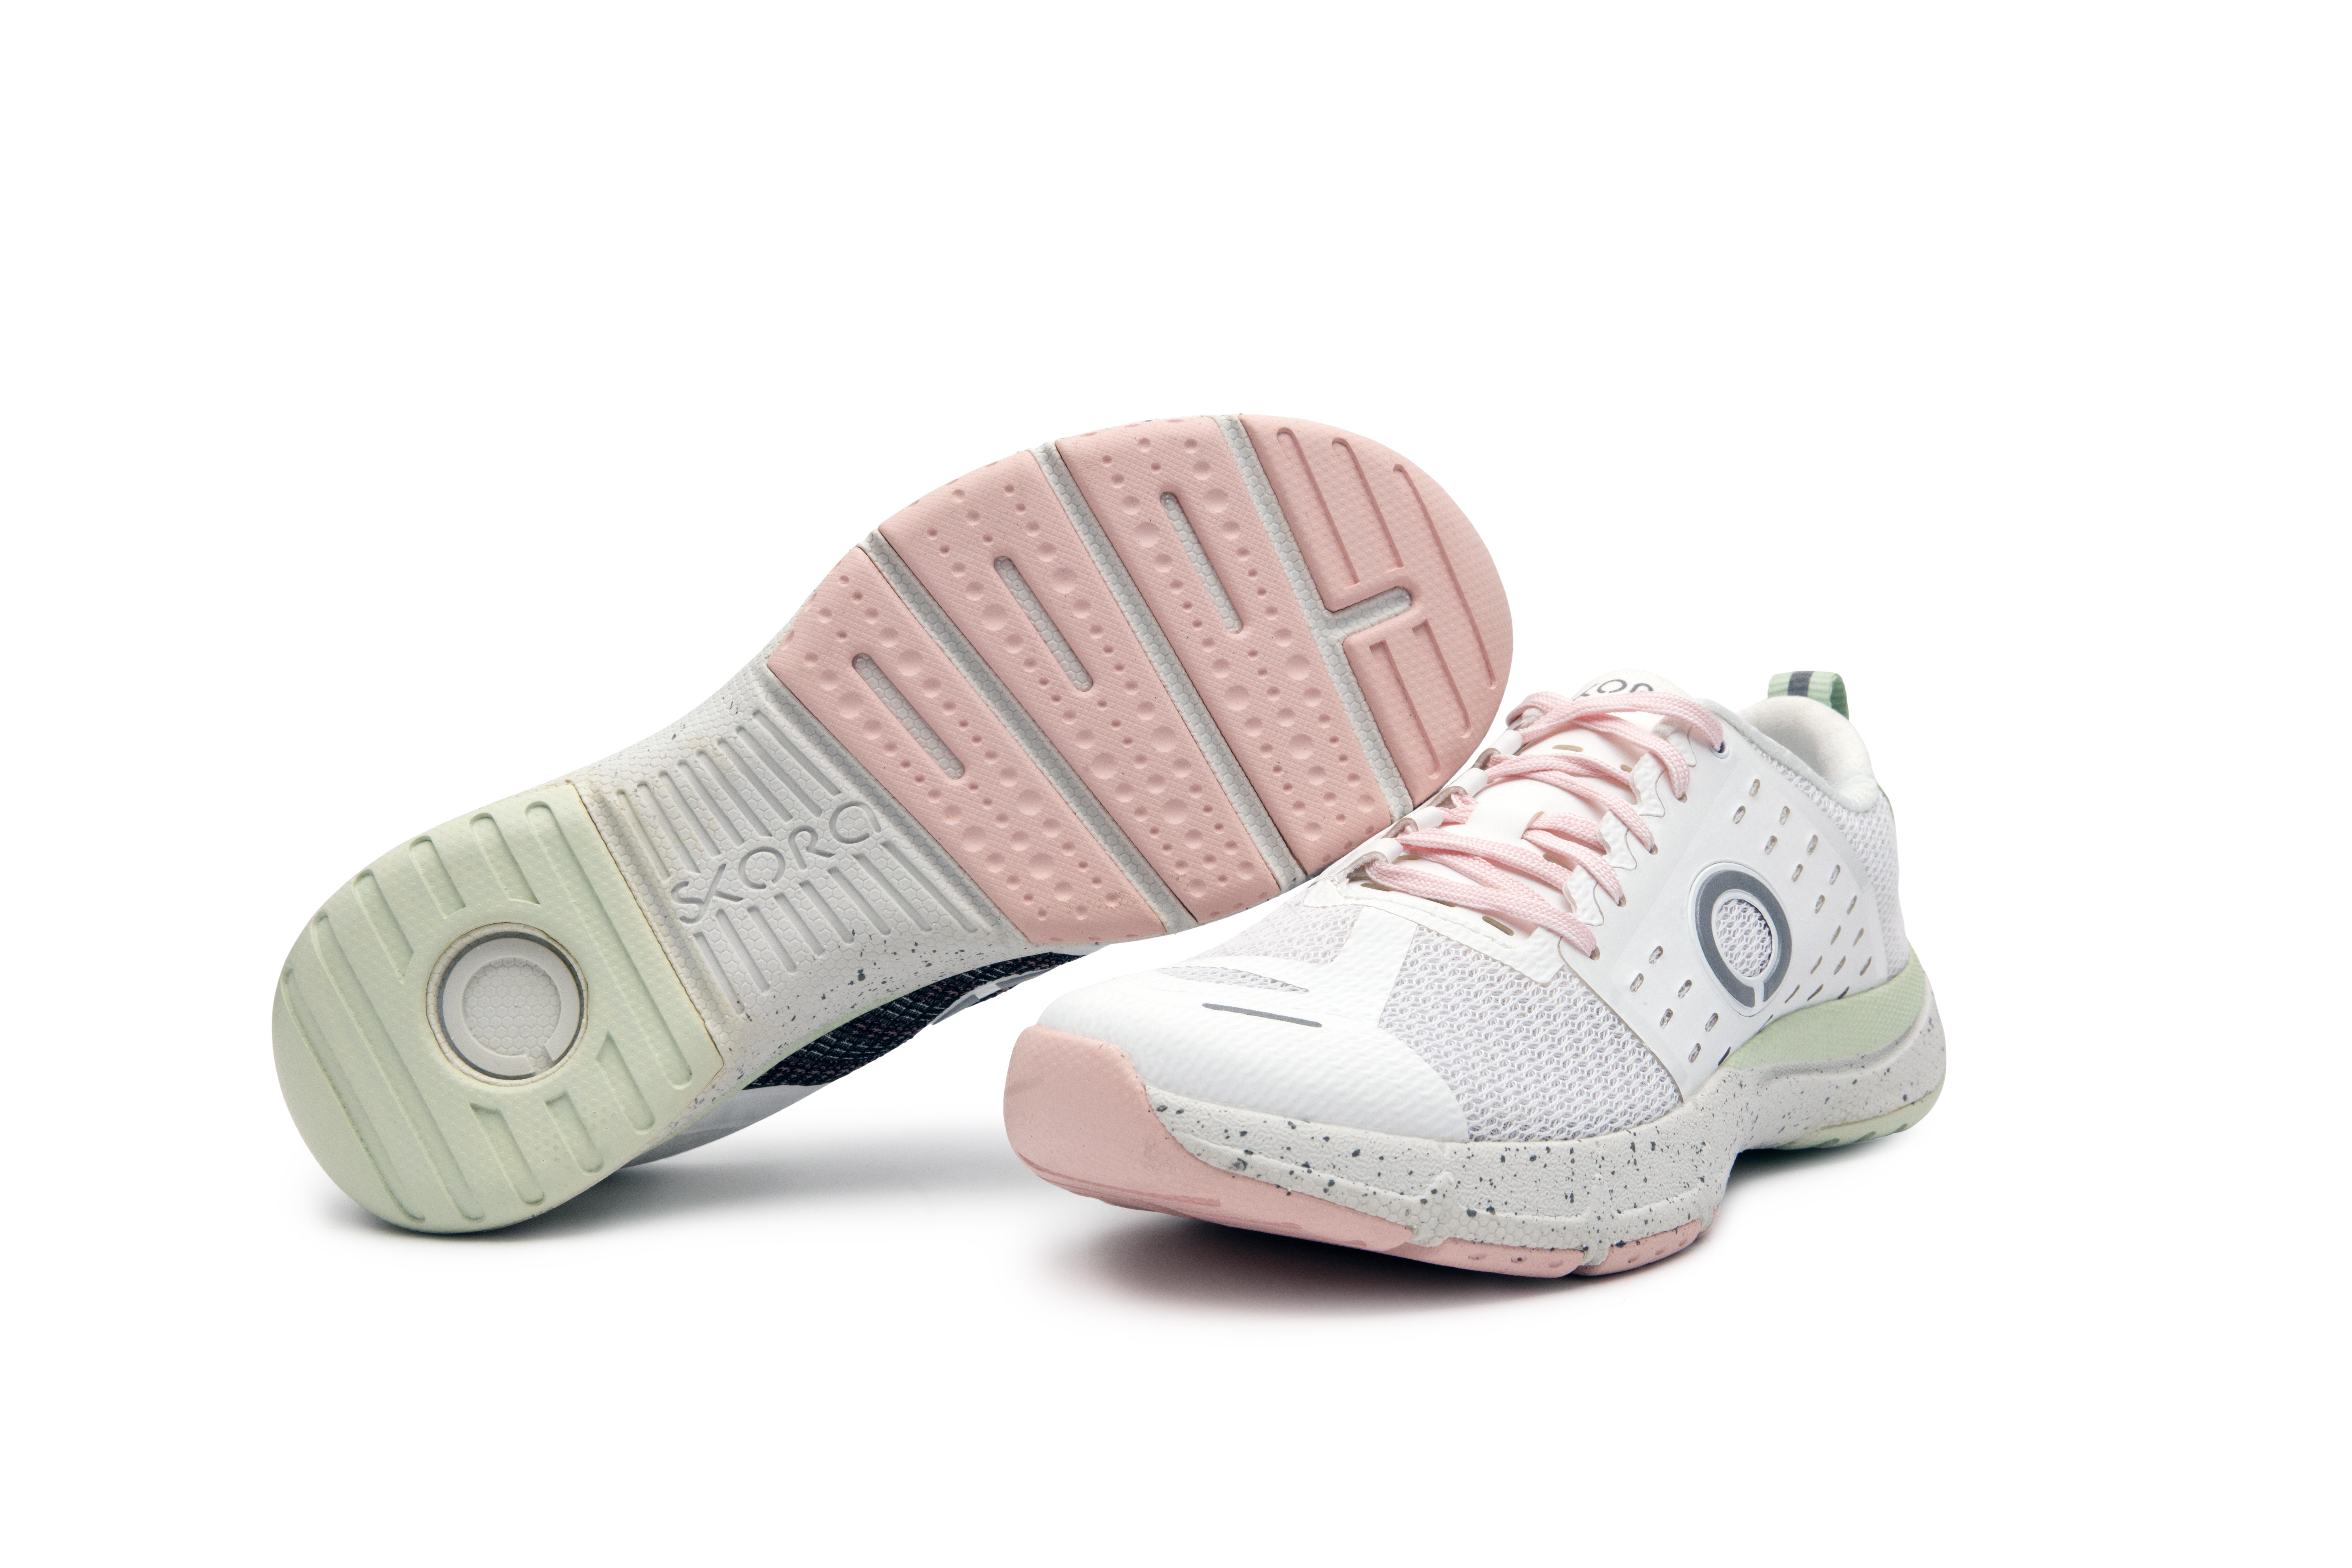 snow-white-ambrosia-seashell-pink